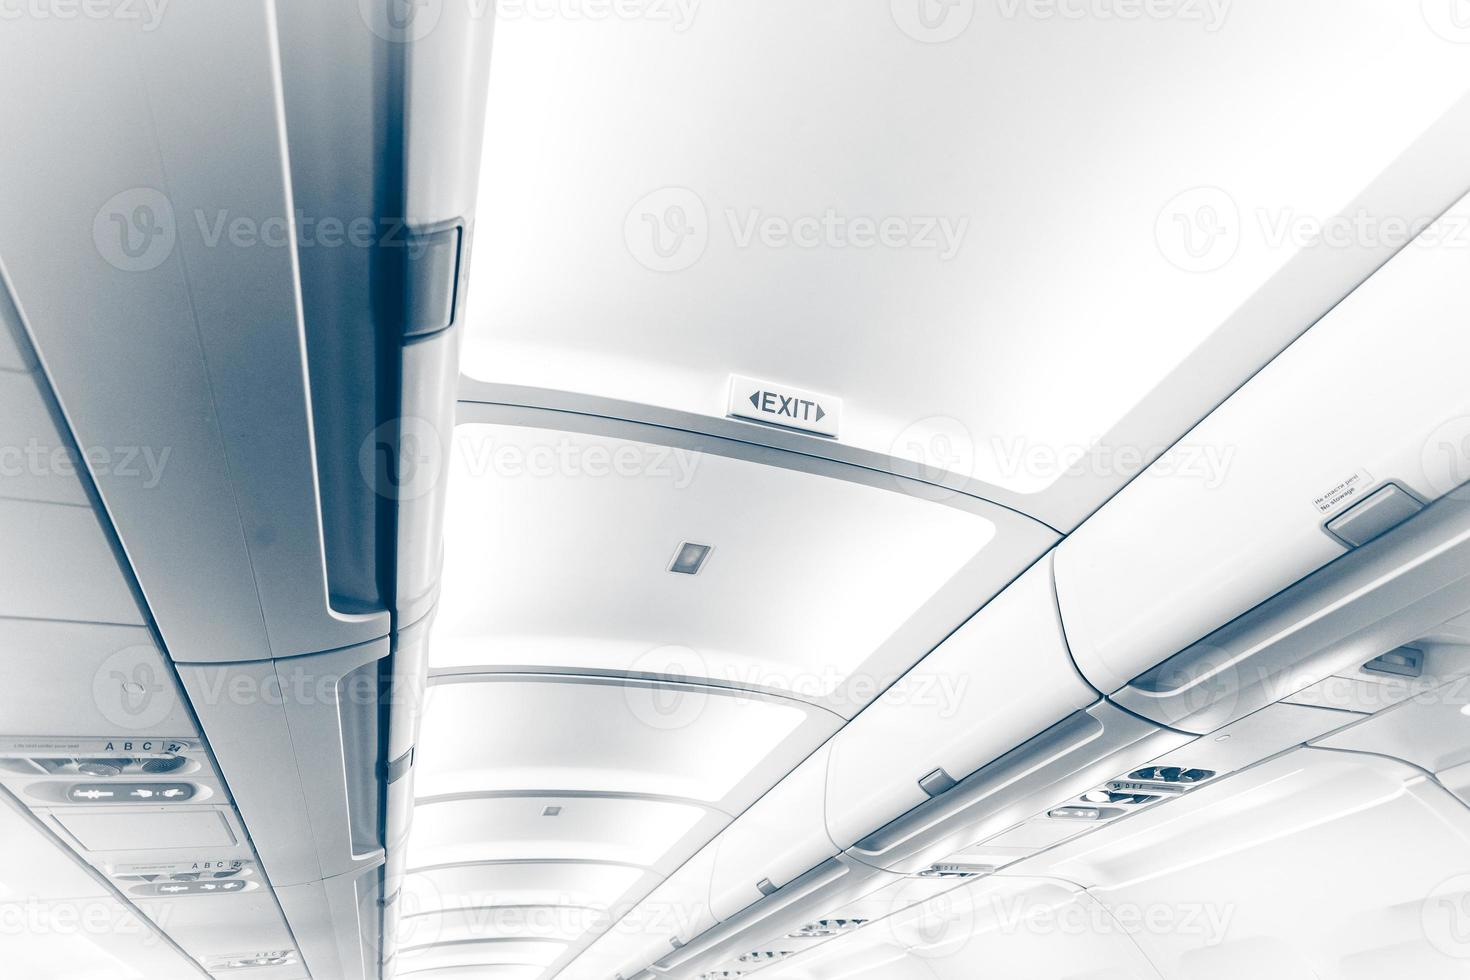 lang plafond in vliegtuig met uitgangsteken foto